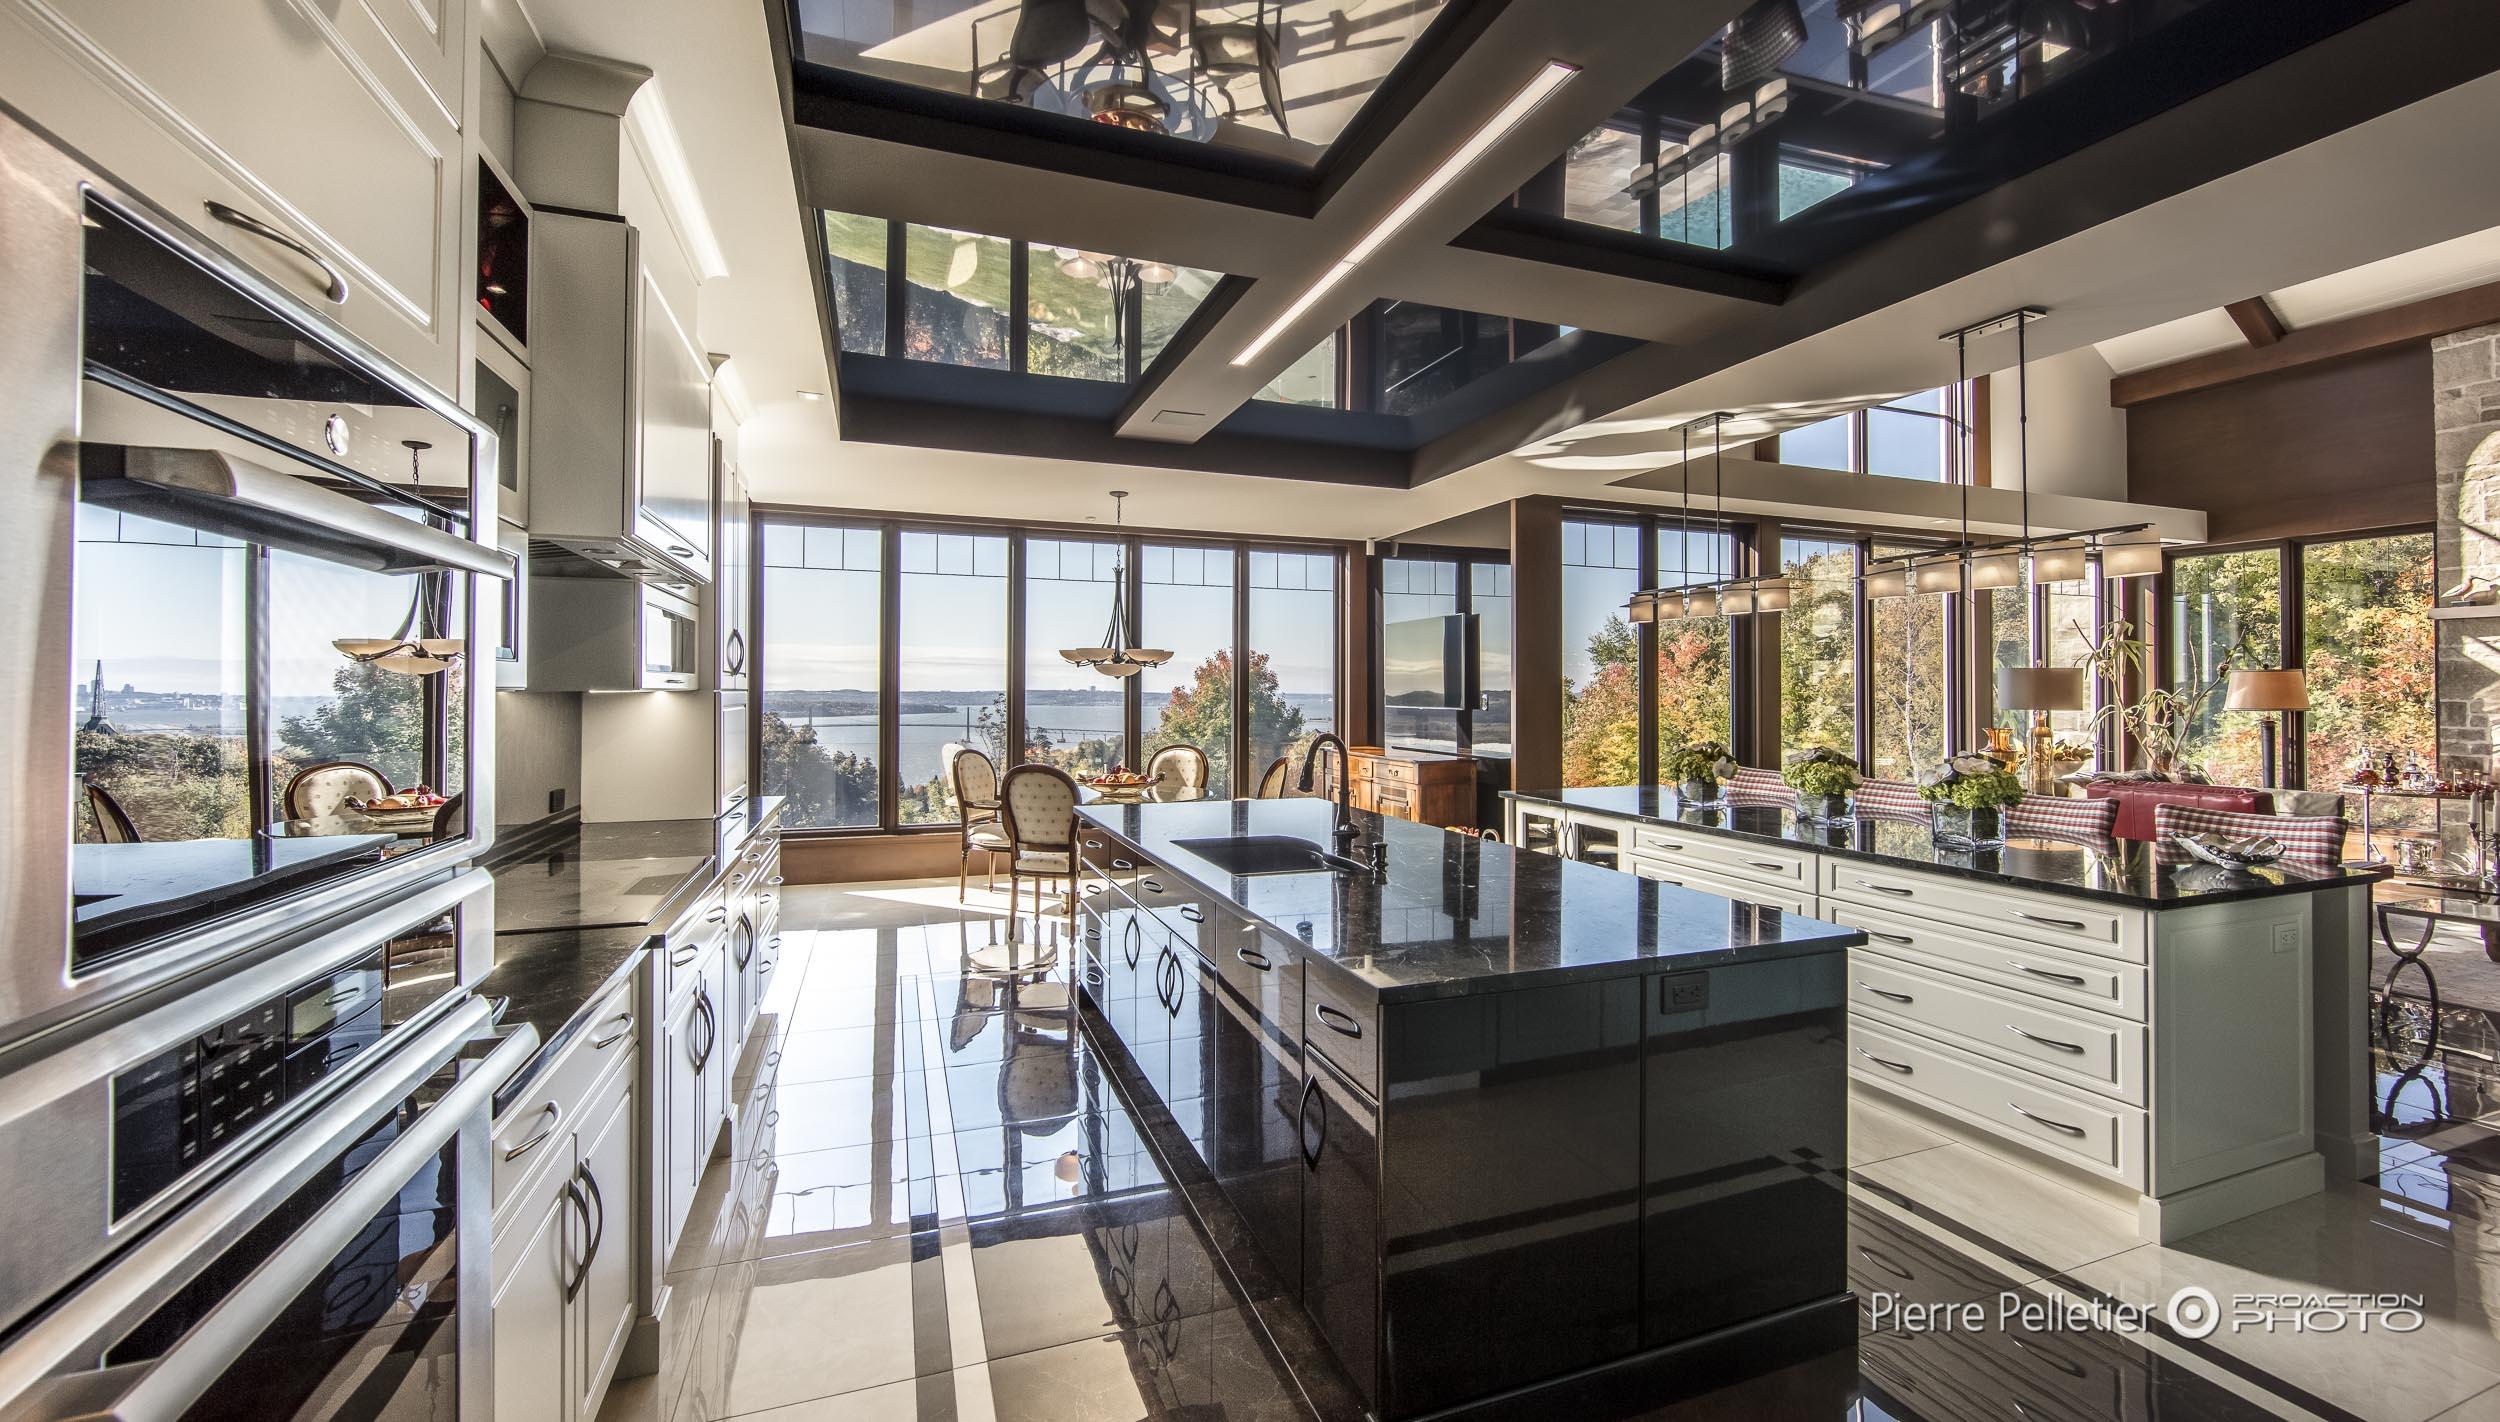 Pierre pelletier photographe quebec architecture design for Boutique decoration maison quebec